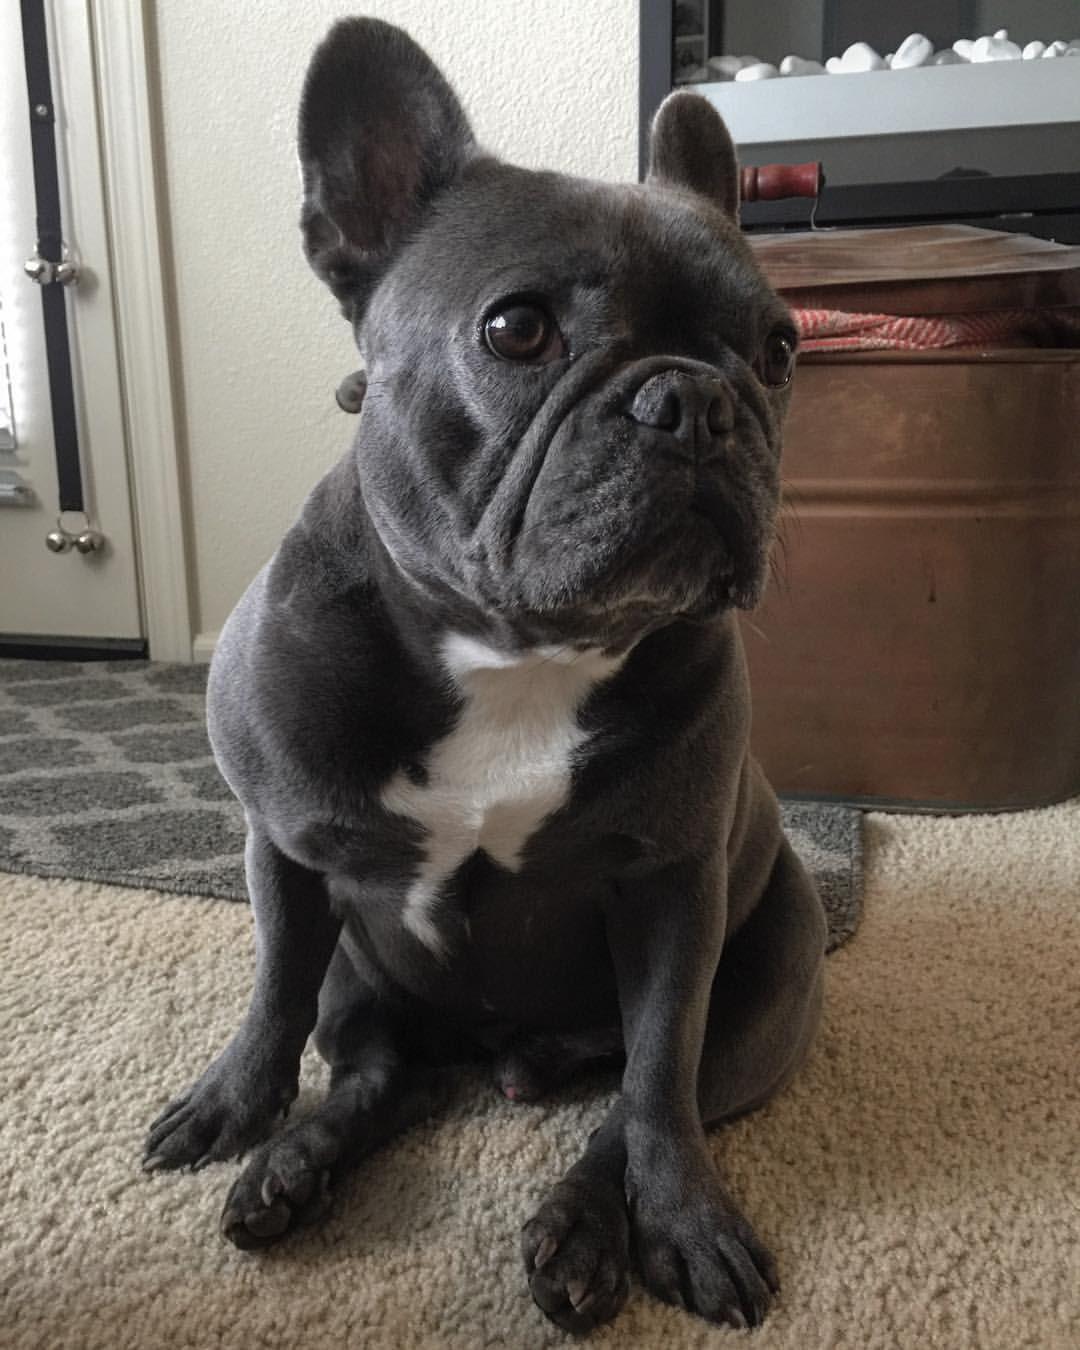 frenchie frenchbulldogsofinstagram frenchbulldog pdx